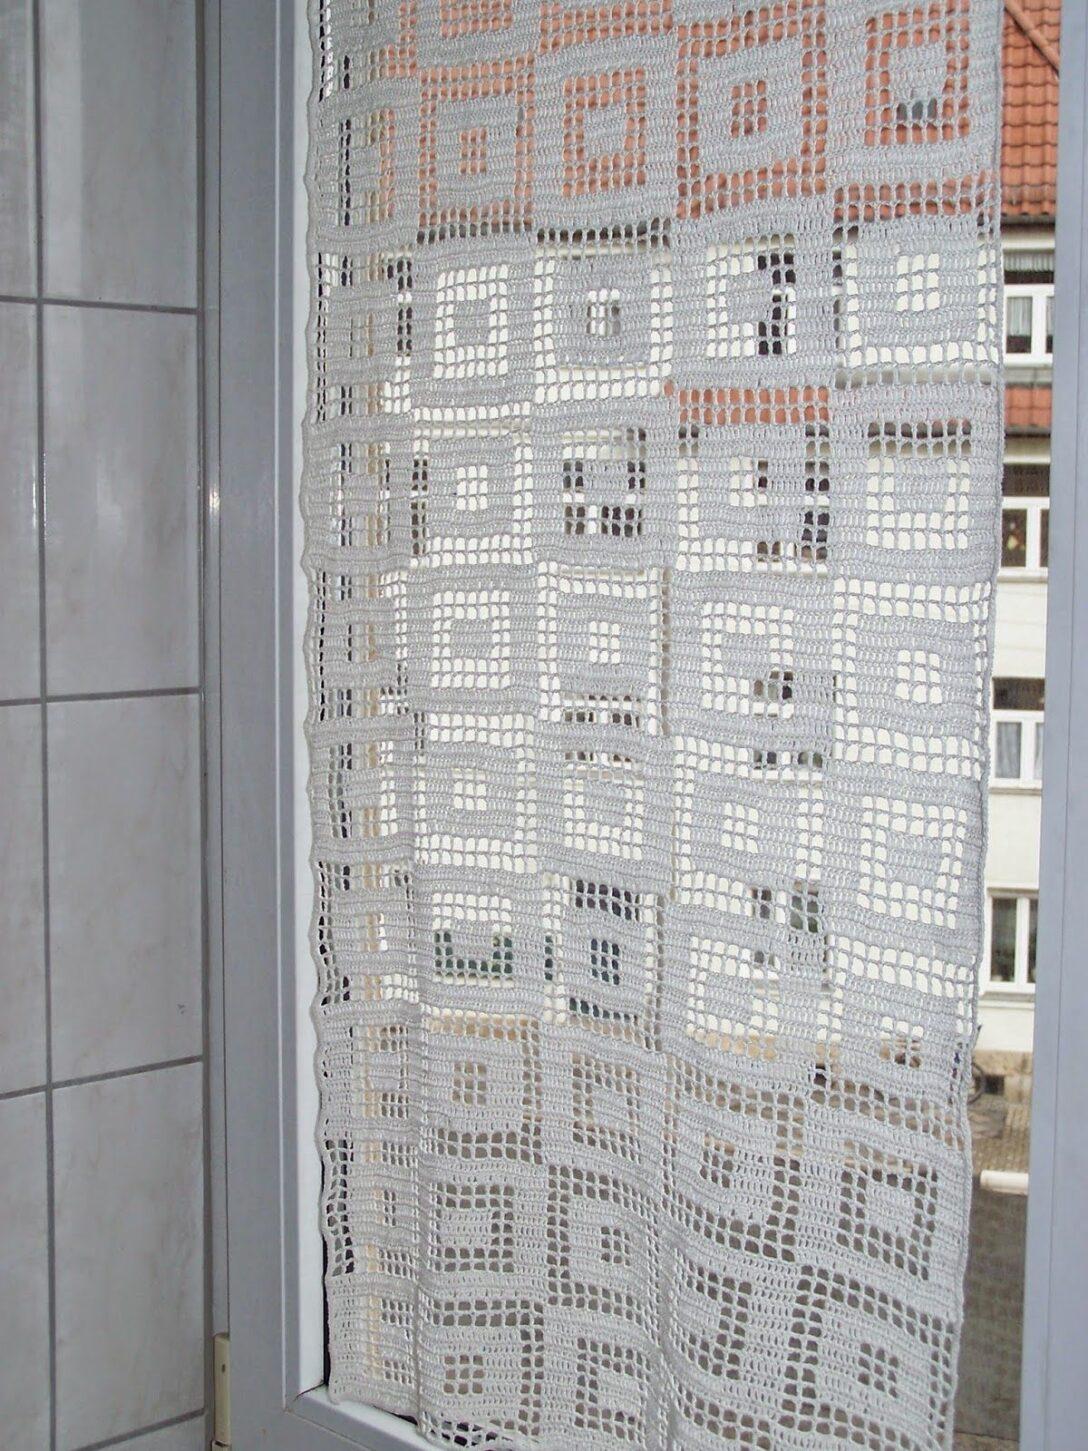 Large Size of Gardine Im Bad Gardinen Hkeln Küche Planen Kostenlos Fenster Für Die Wohnzimmer Schlafzimmer Scheibengardinen Wohnzimmer Gardinen Häkeln Anleitung Kostenlos